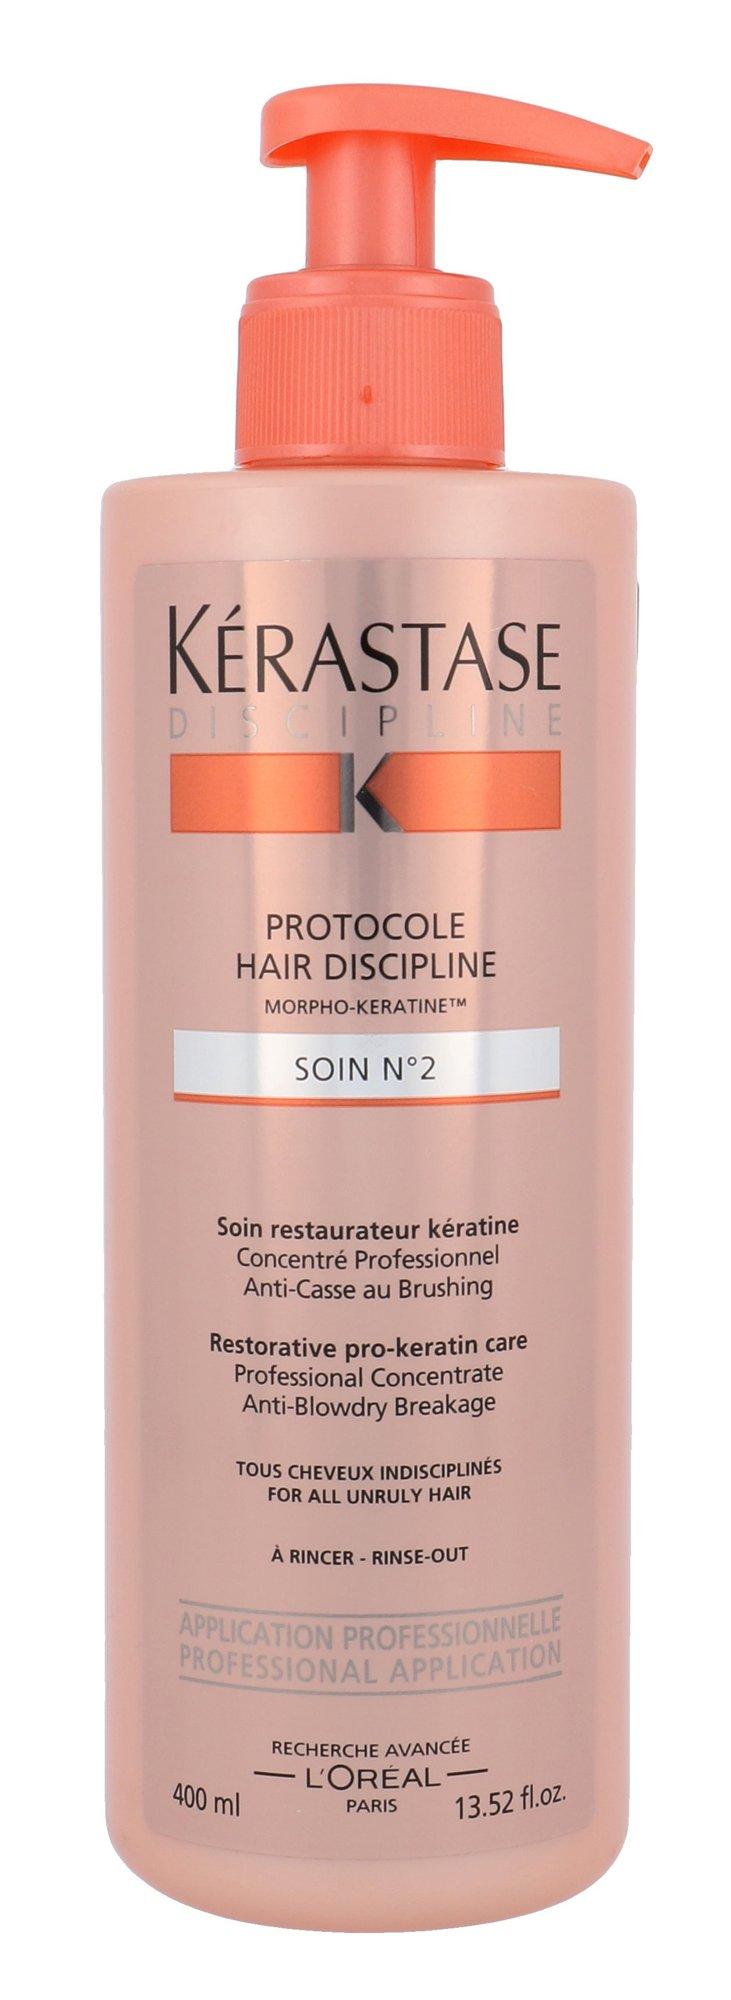 Kérastase Discipline Cosmetic 400ml